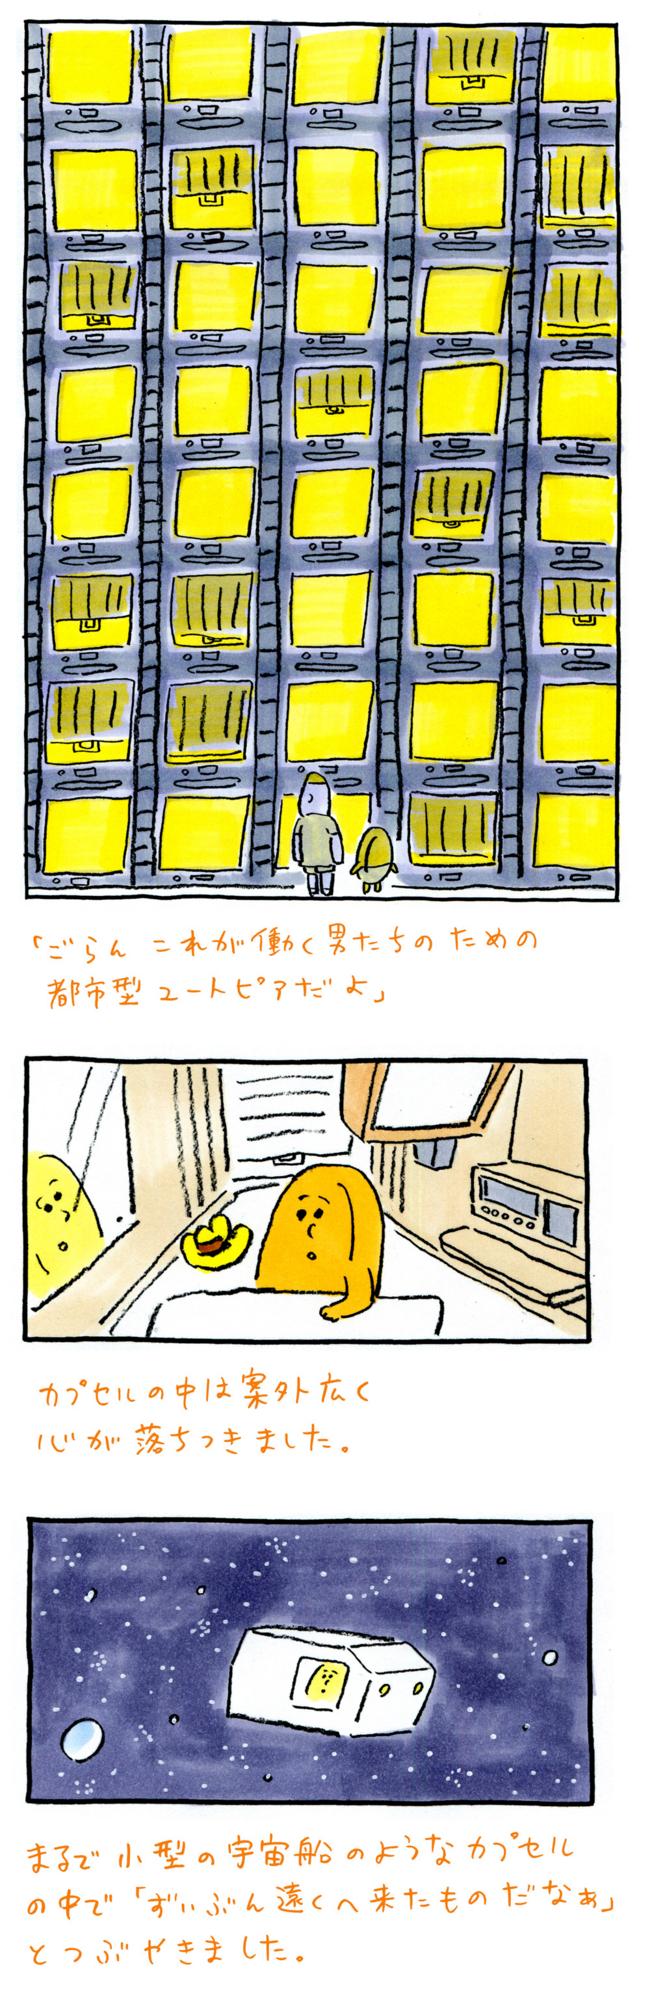 f:id:kakijiro:20151013114837j:plain